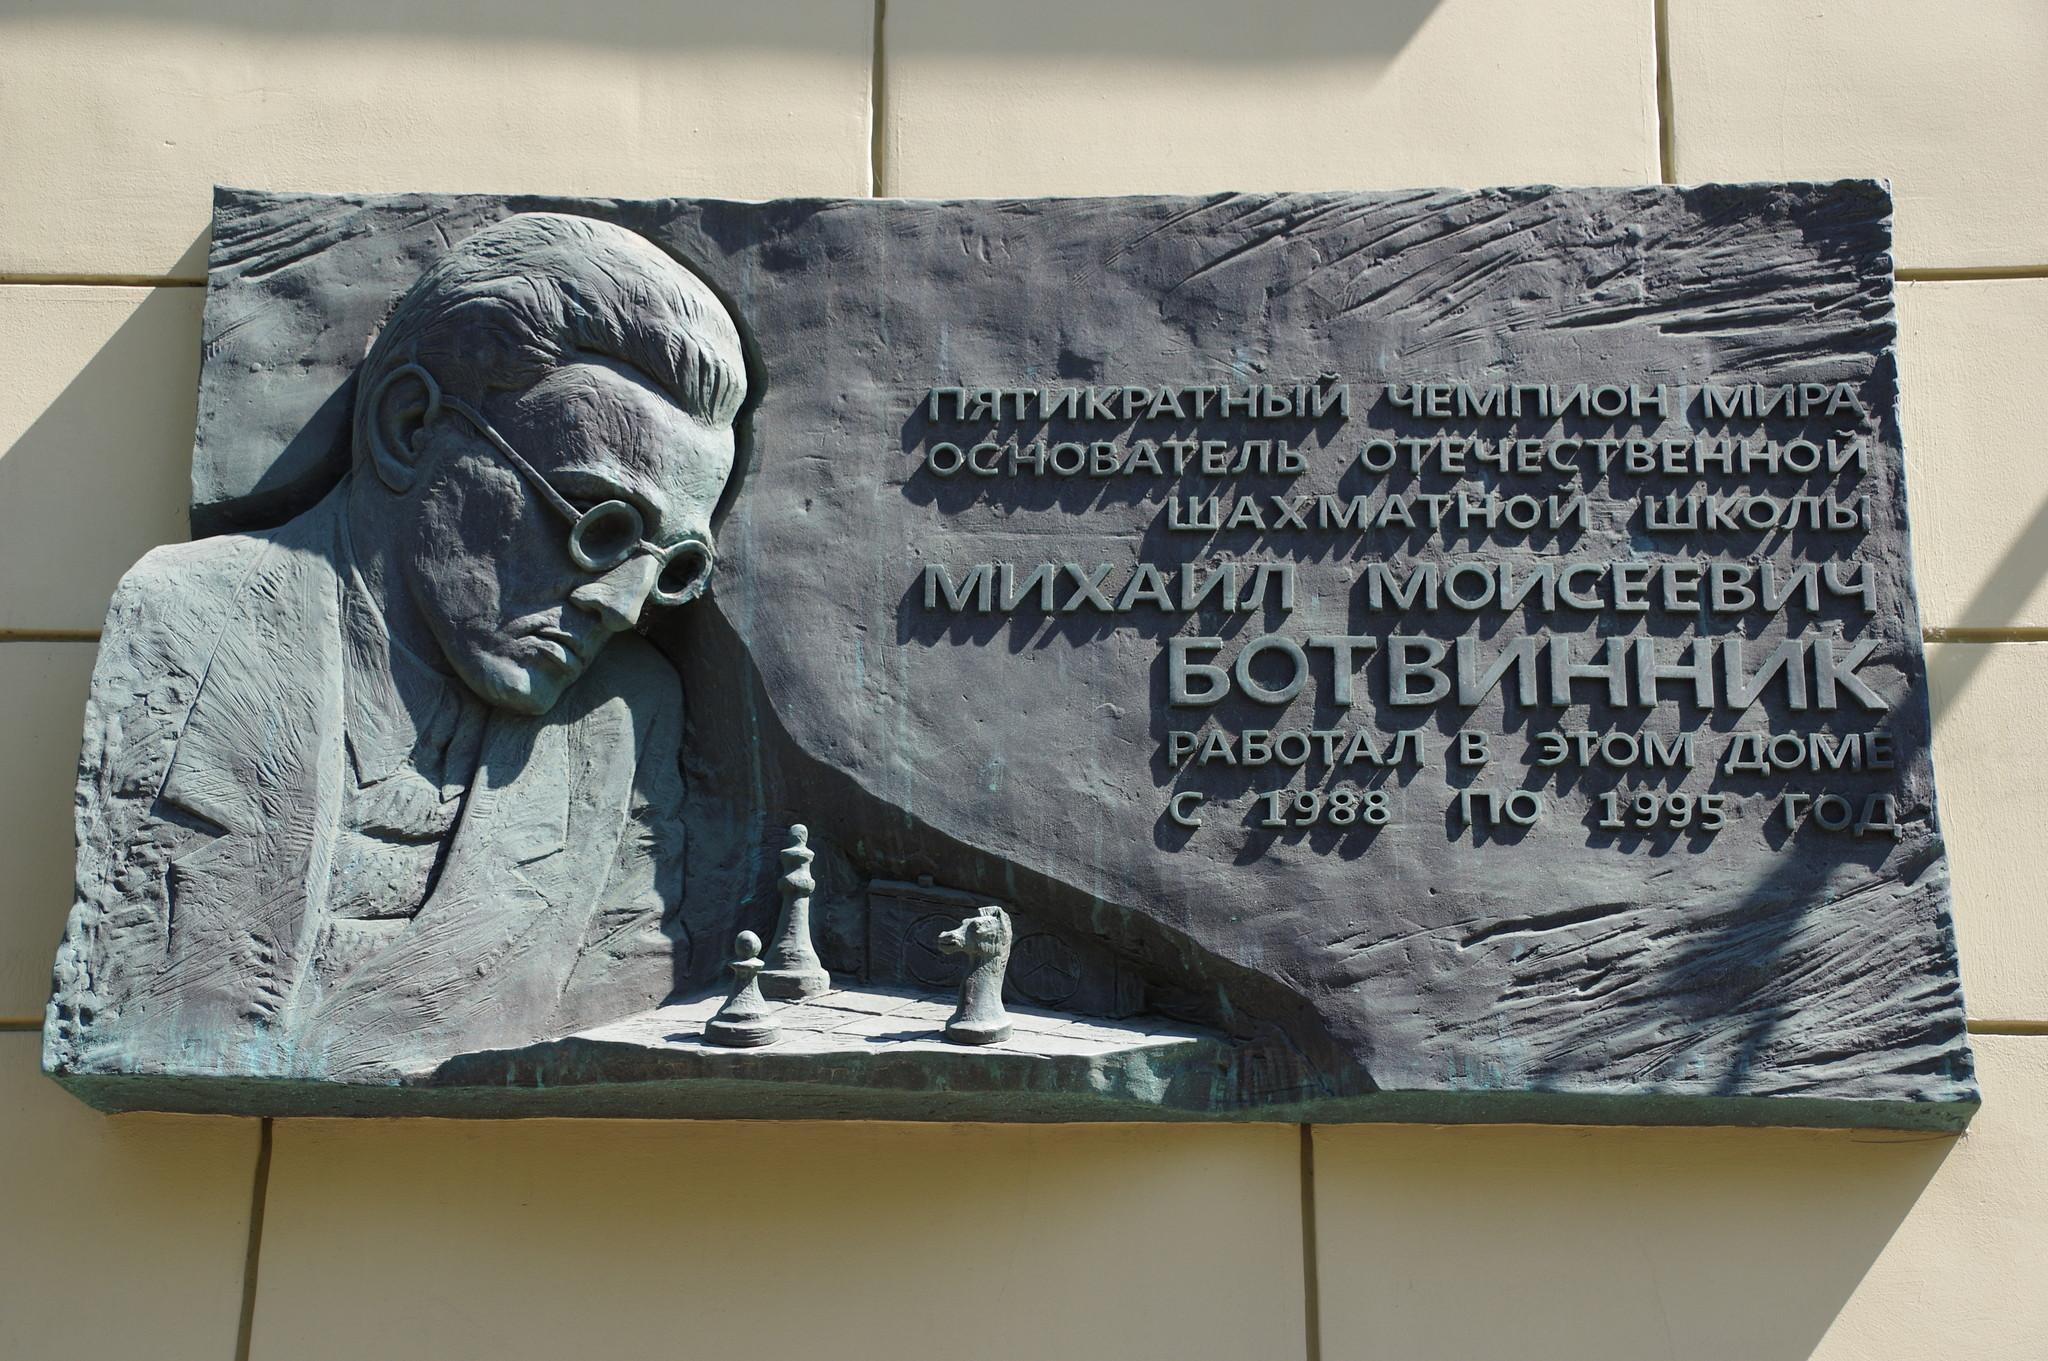 4 сентября 2011 года в Центральном доме шахматиста имени М.М. Ботвинника состоялось открытие мемориальной доски, посвящённой патриарху отечественных шахмат